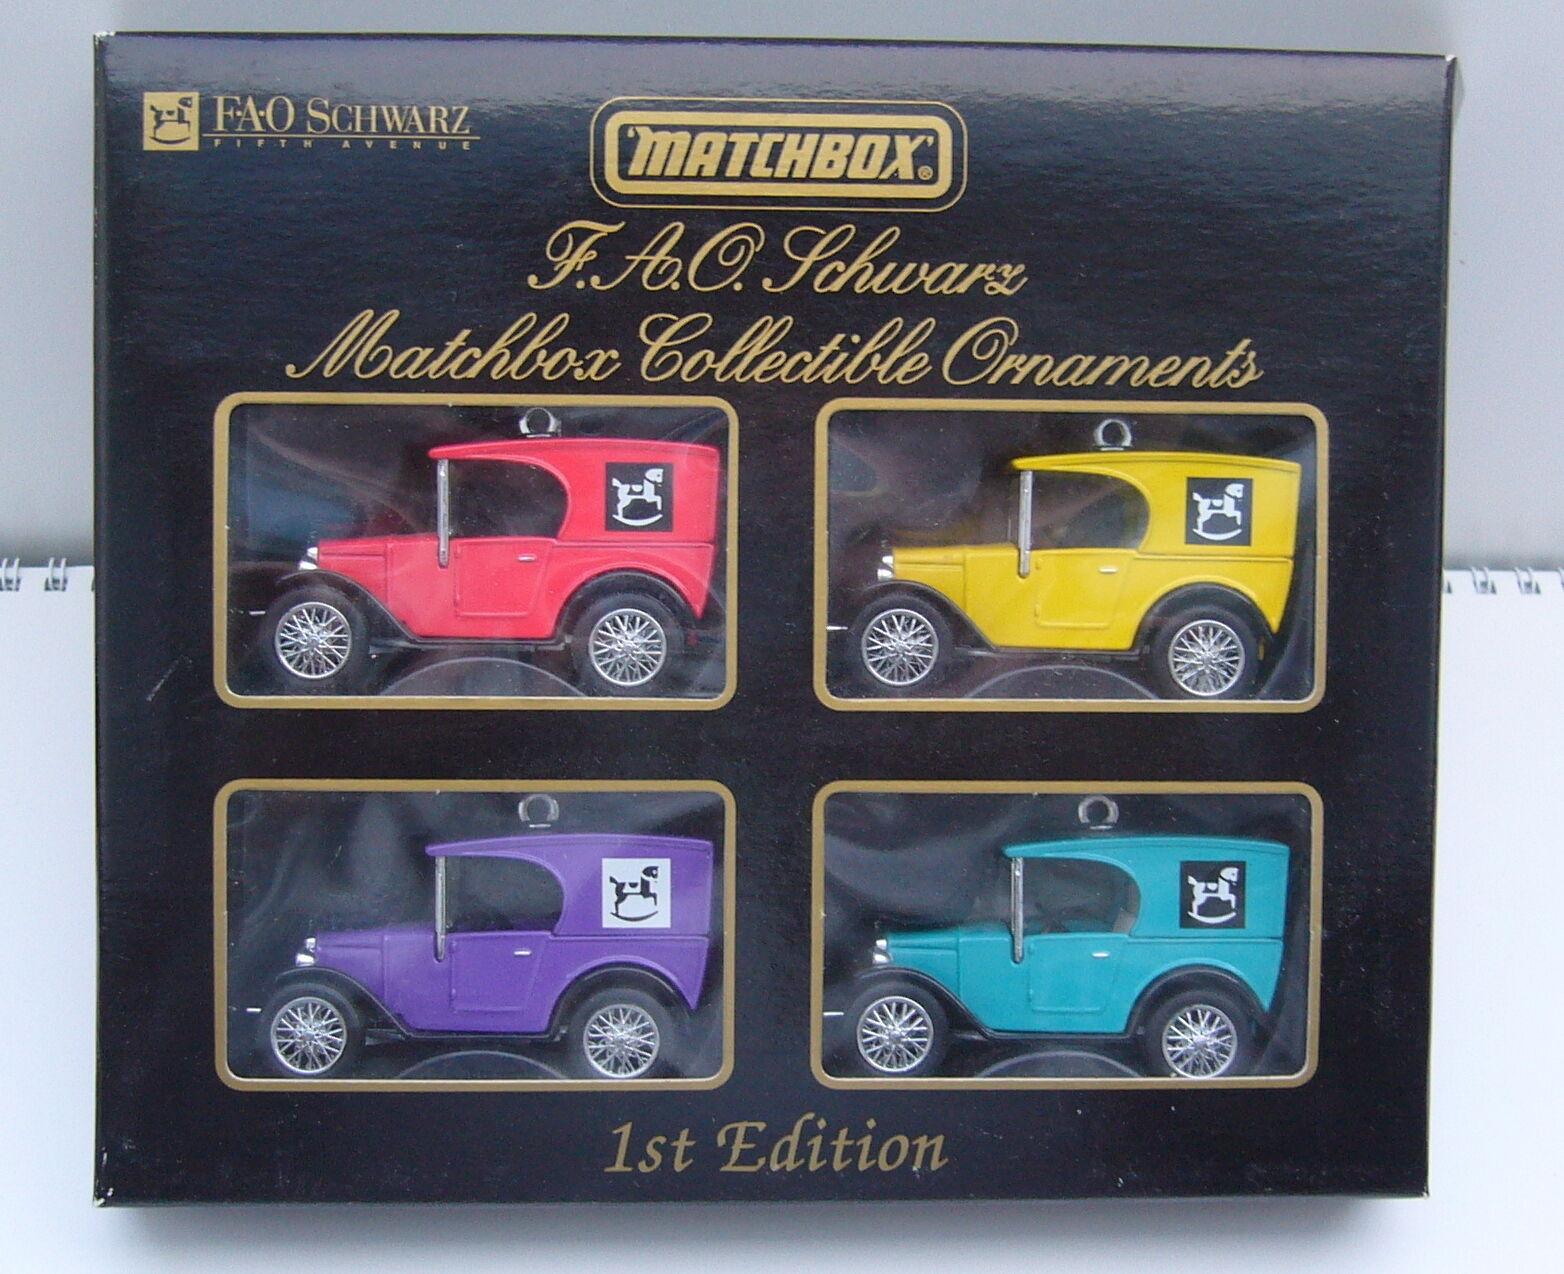 MATCHBOX-F.A.O. Noir Collectible Ornaments 1st Edition Limitée à 7.500